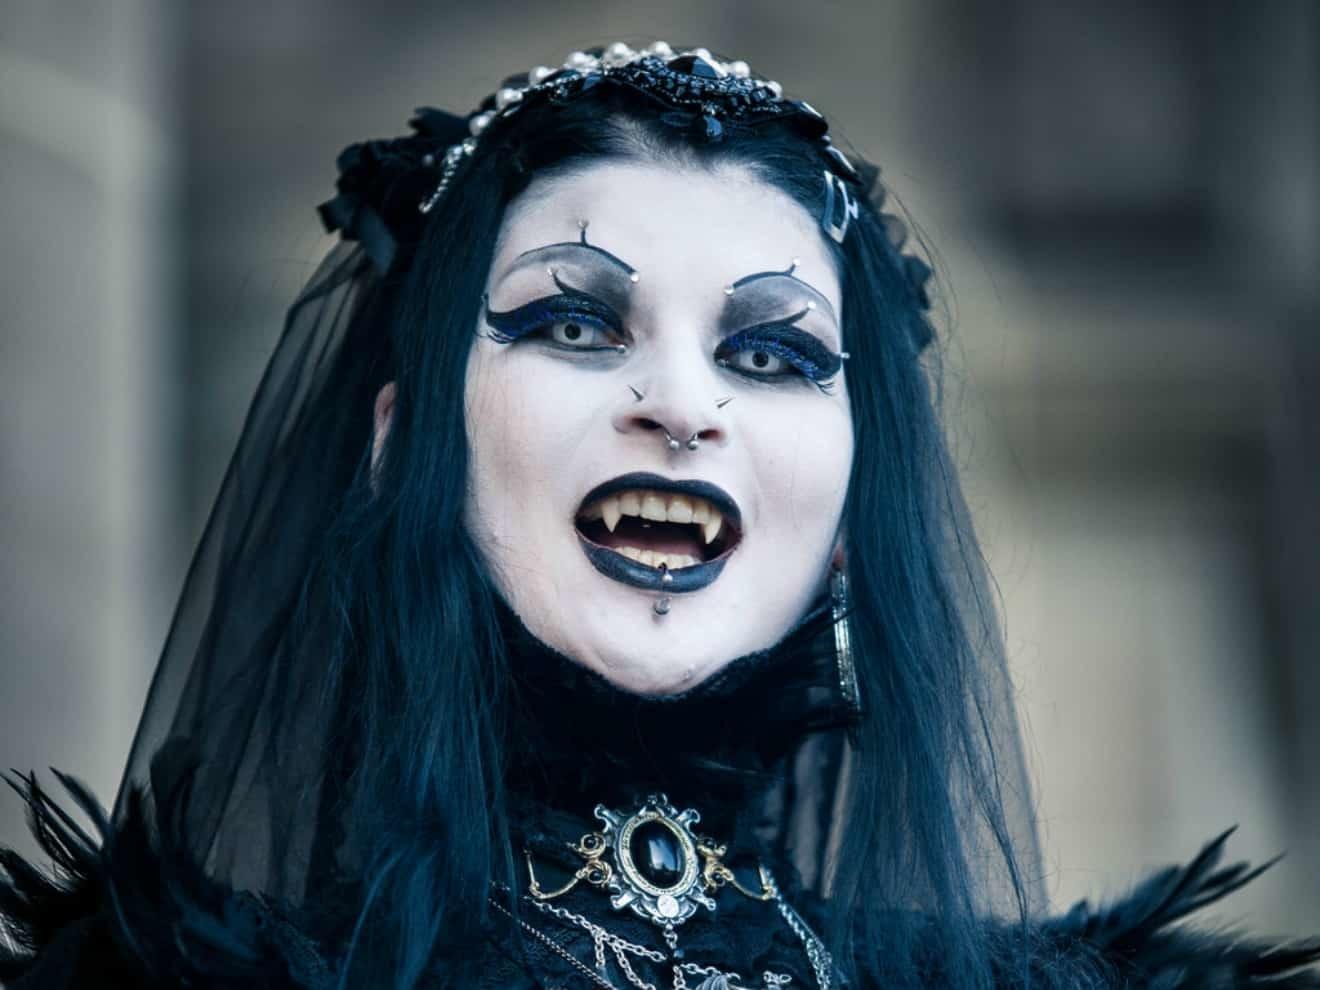 Vlad, The Impaler's Sensualistic Vampiric Concubines